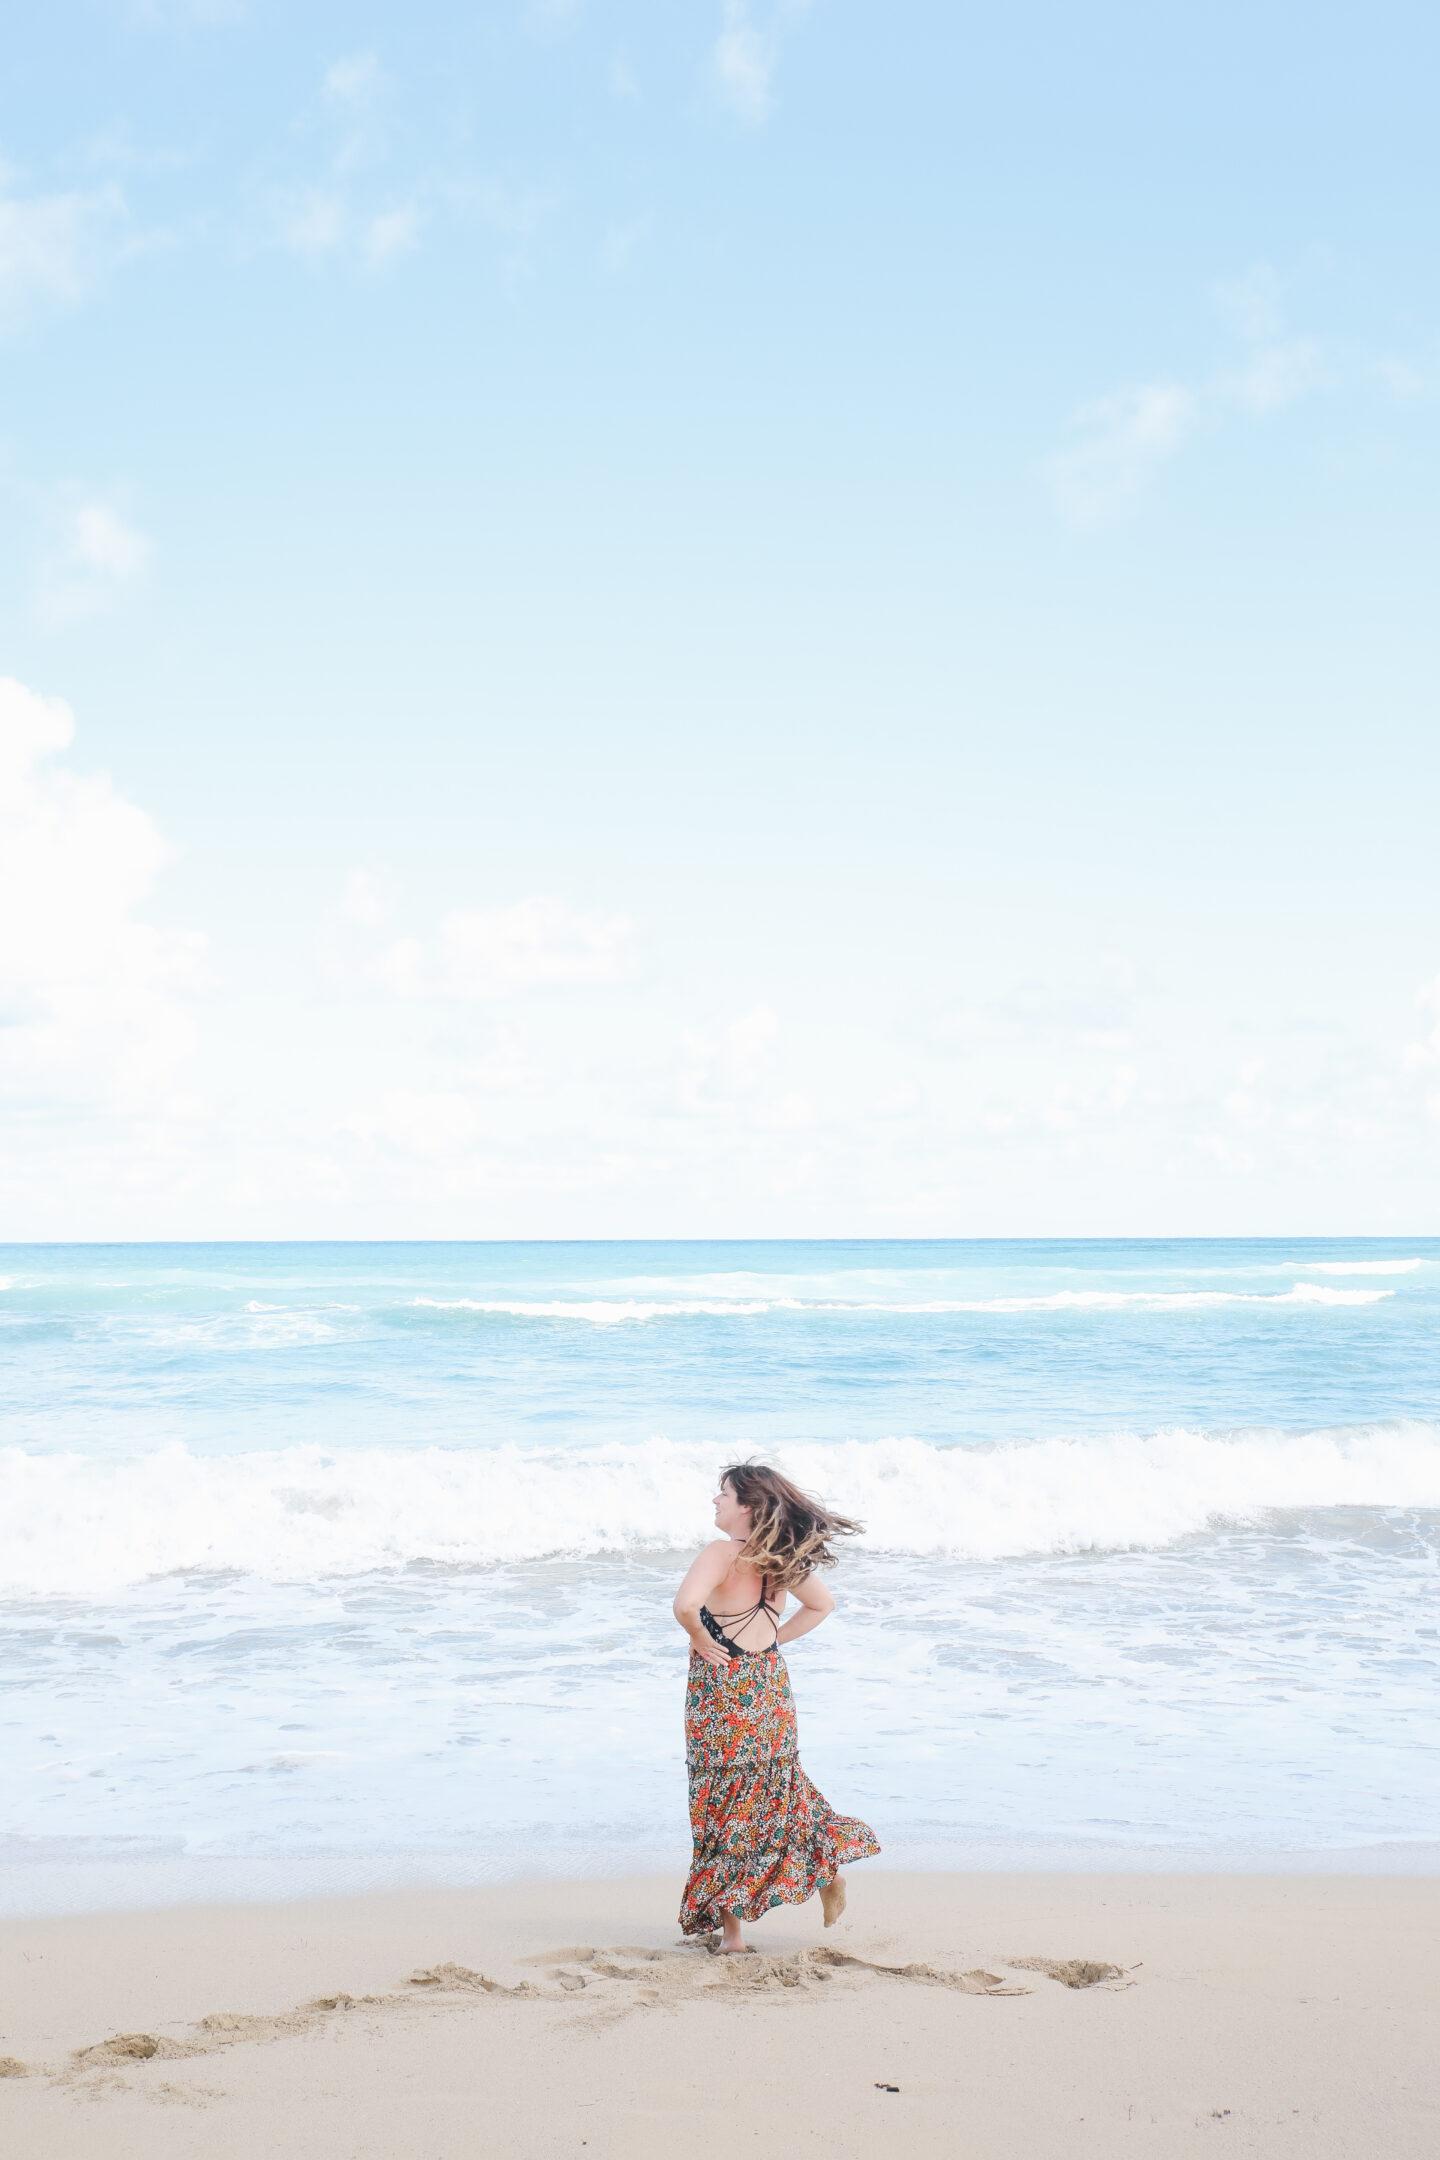 Ocean EL Faro, New Hotel in Punta Cana